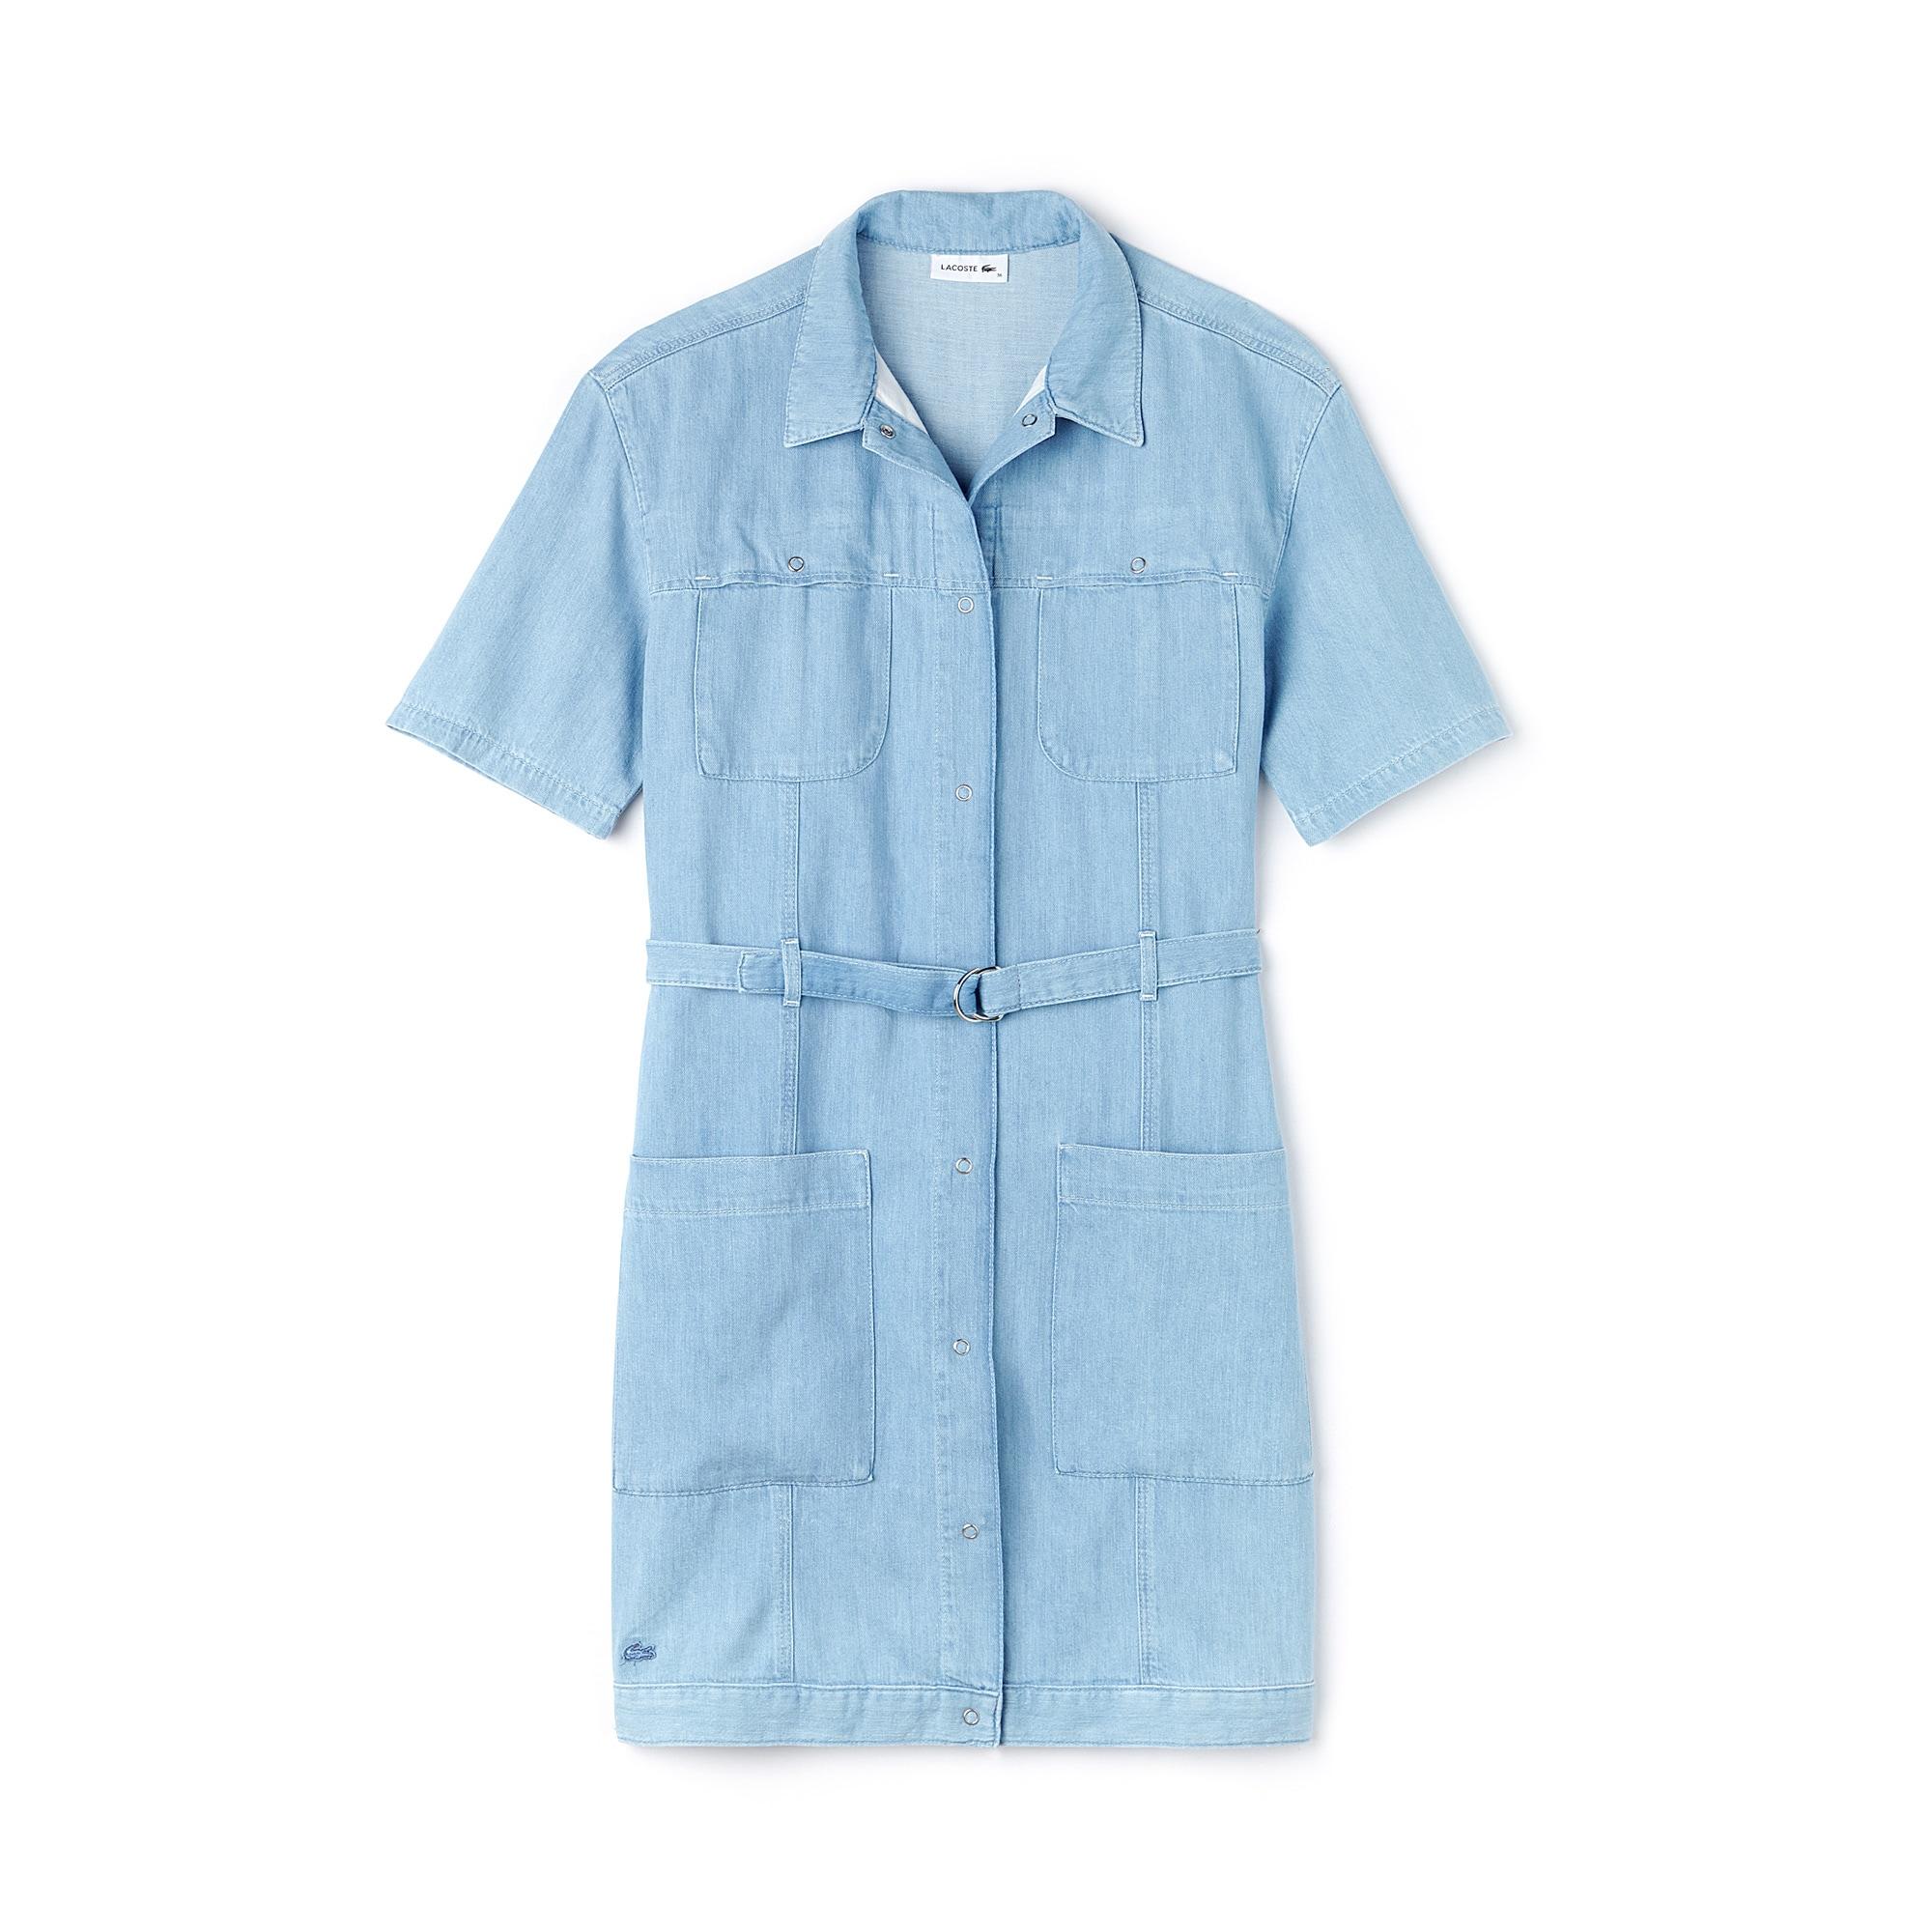 فستان نسائي متعدد الجيوب ومزود بحزام ومُعد من خامة الدينيم القطنية